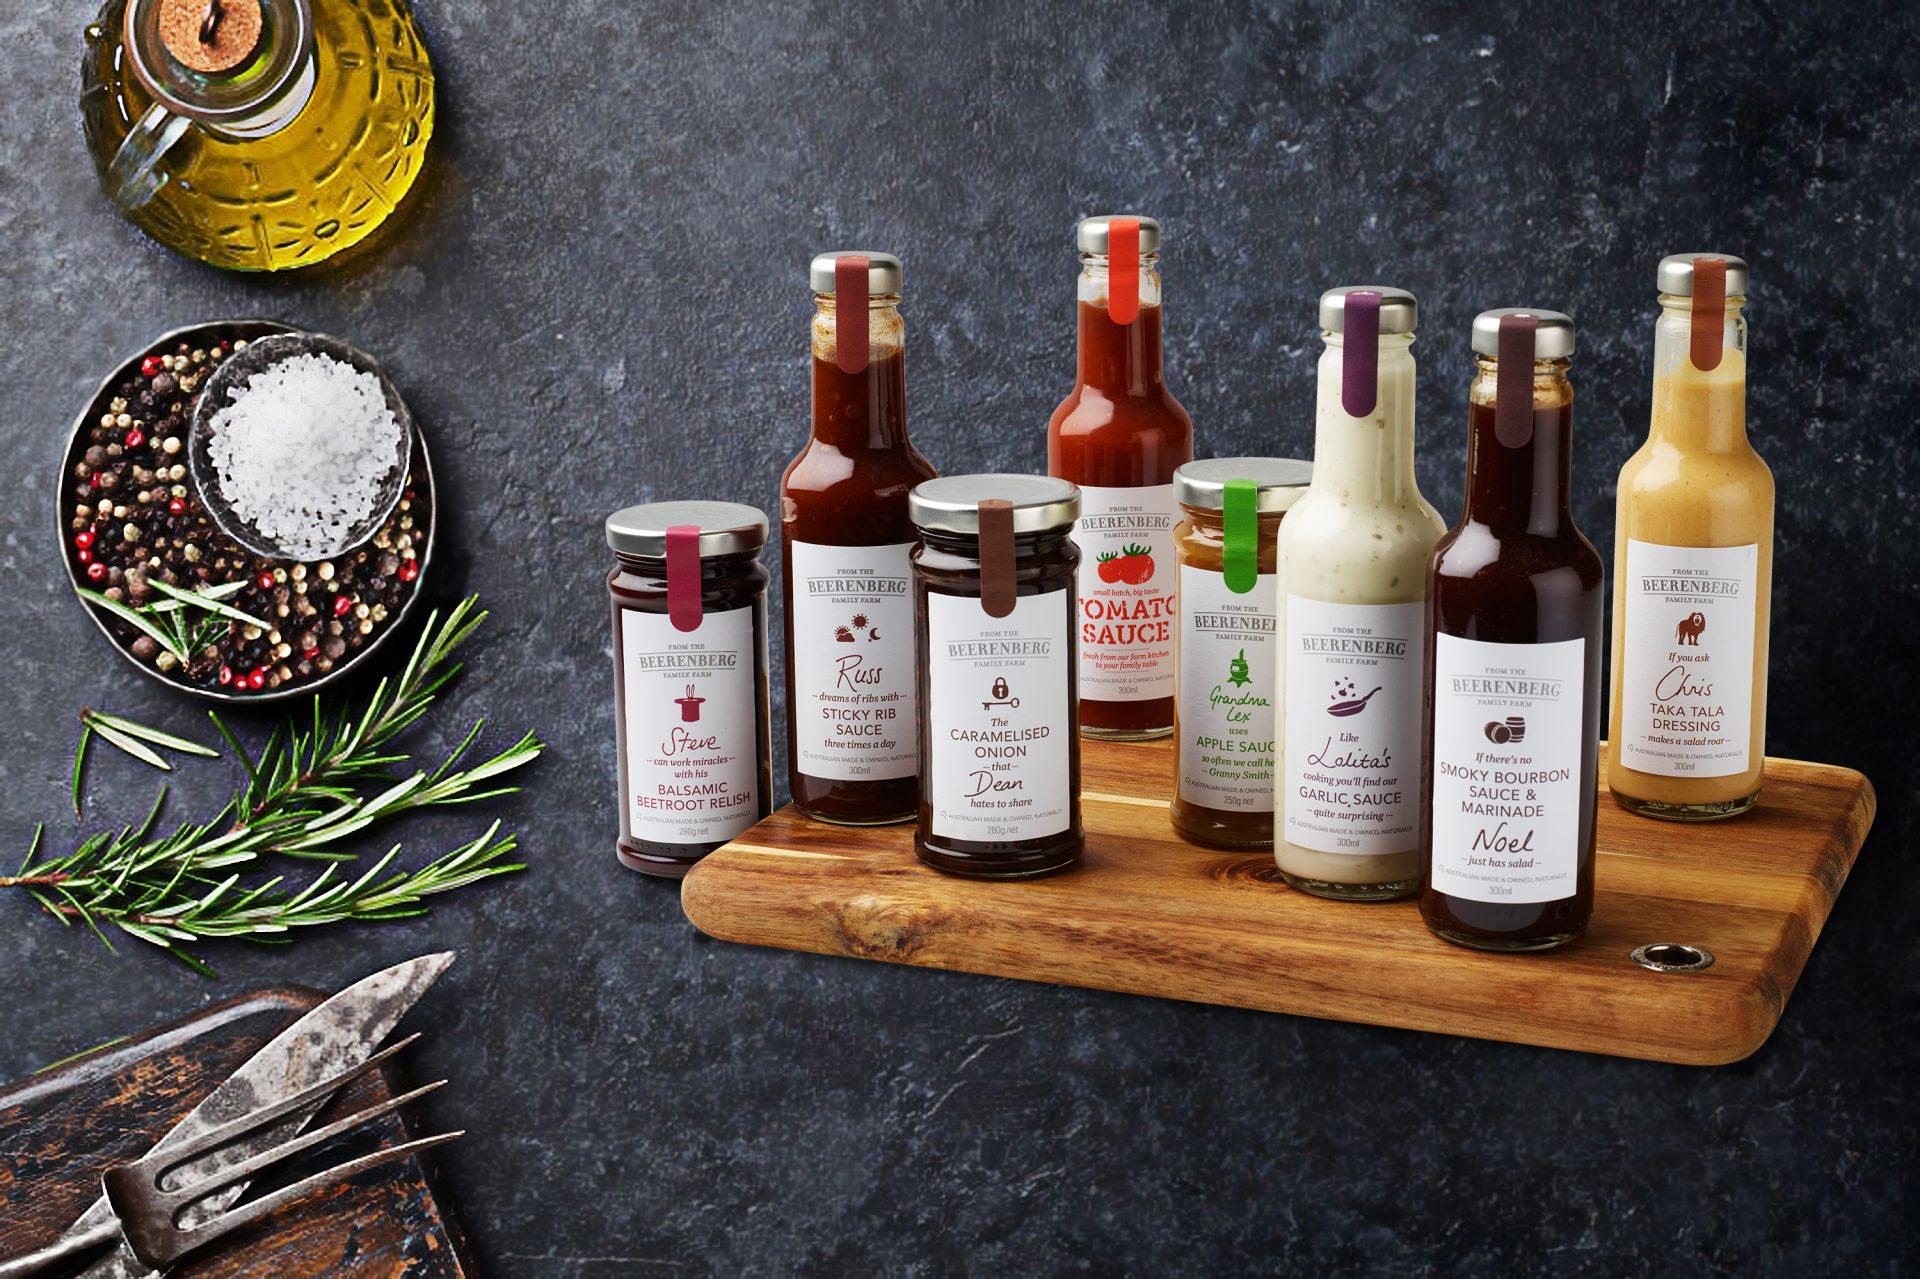 Beerenberg Sauces